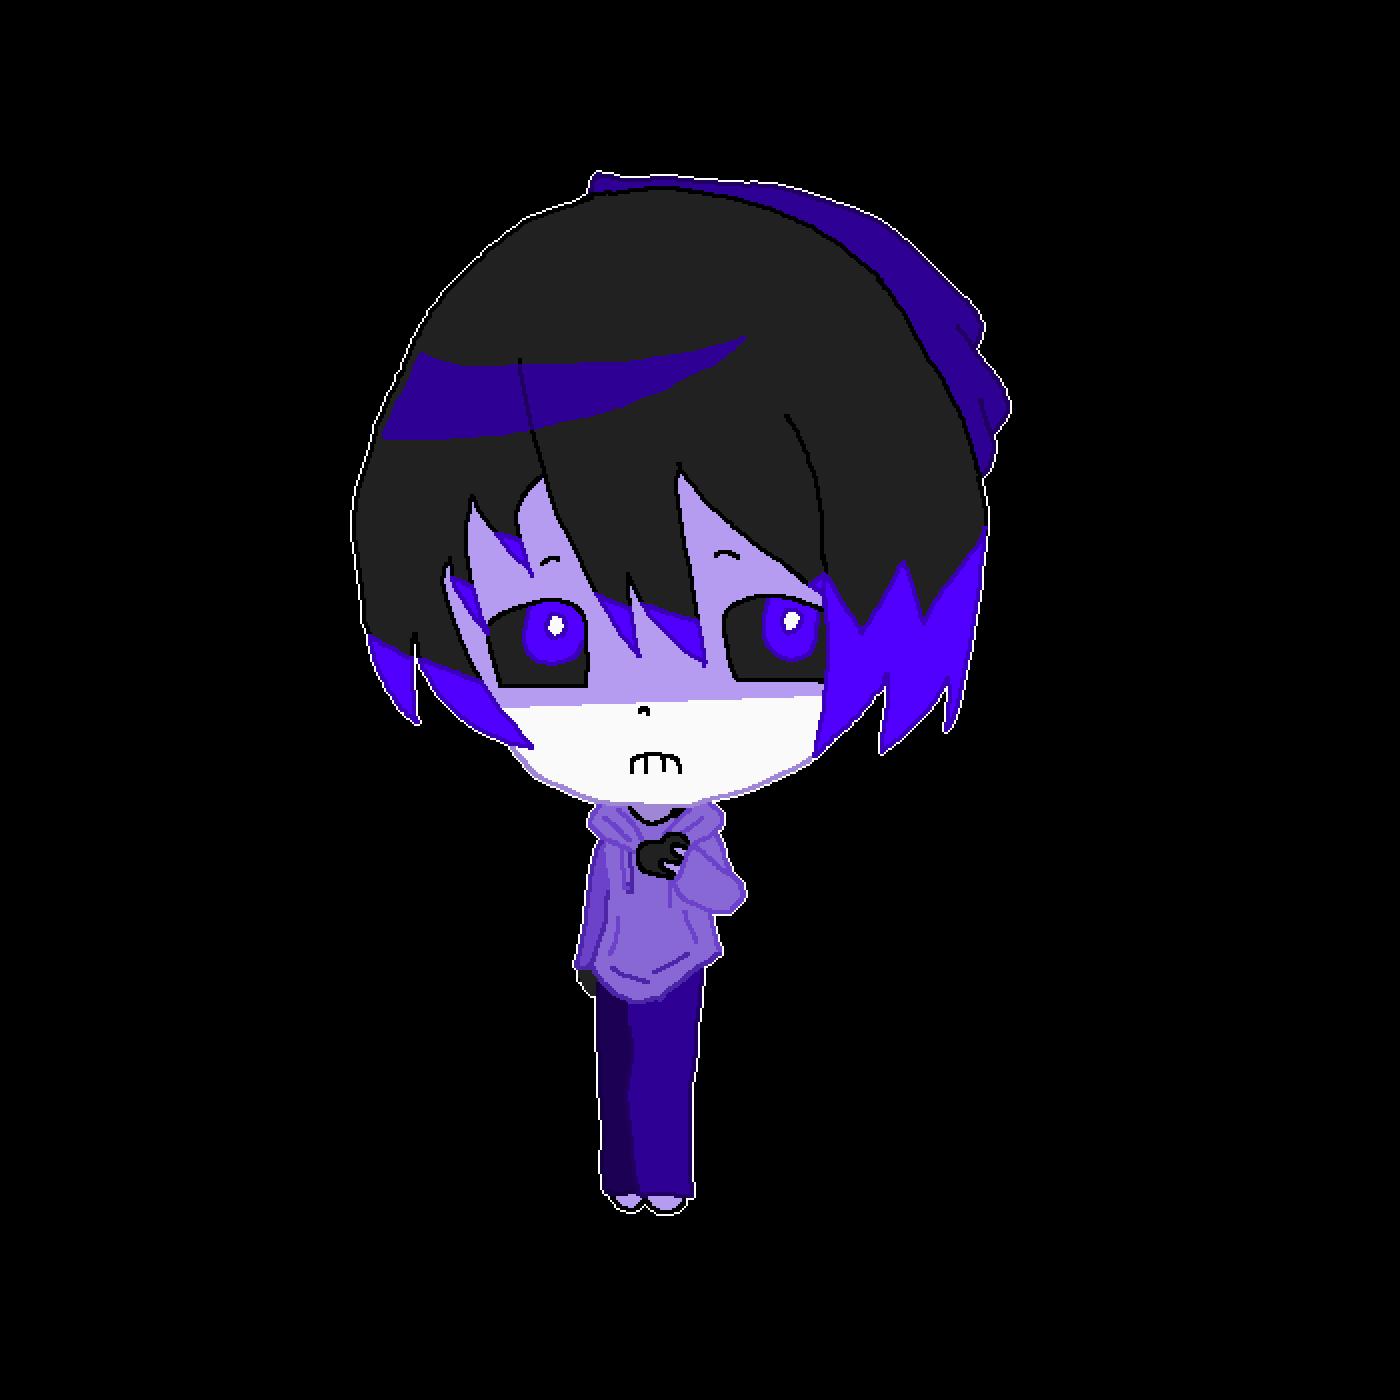 My OC as a Doki by DatFriskyPotato